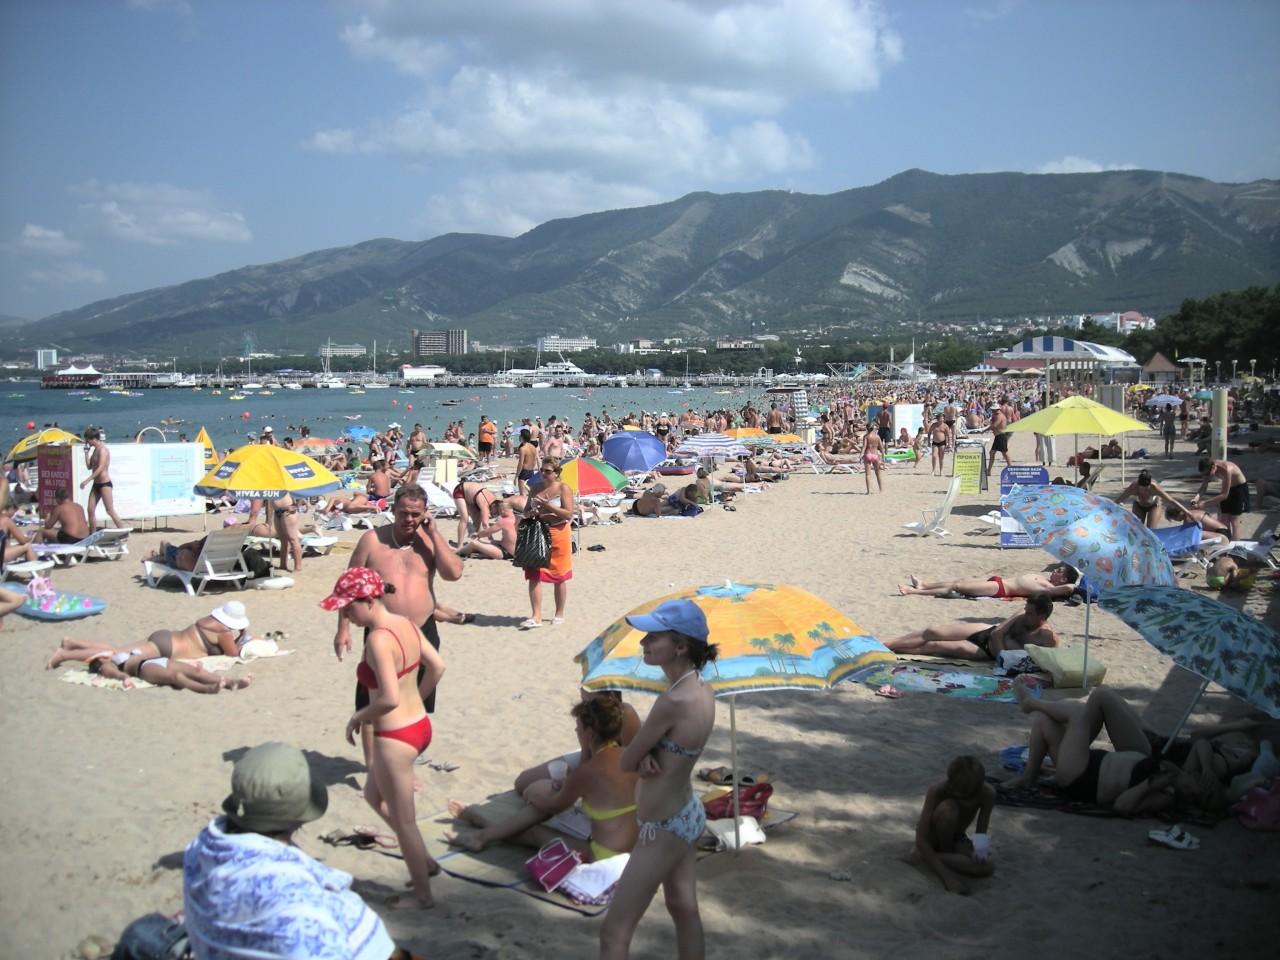 Геленджик в августе - что взять и что делать: отдых, погода, отзывы 90